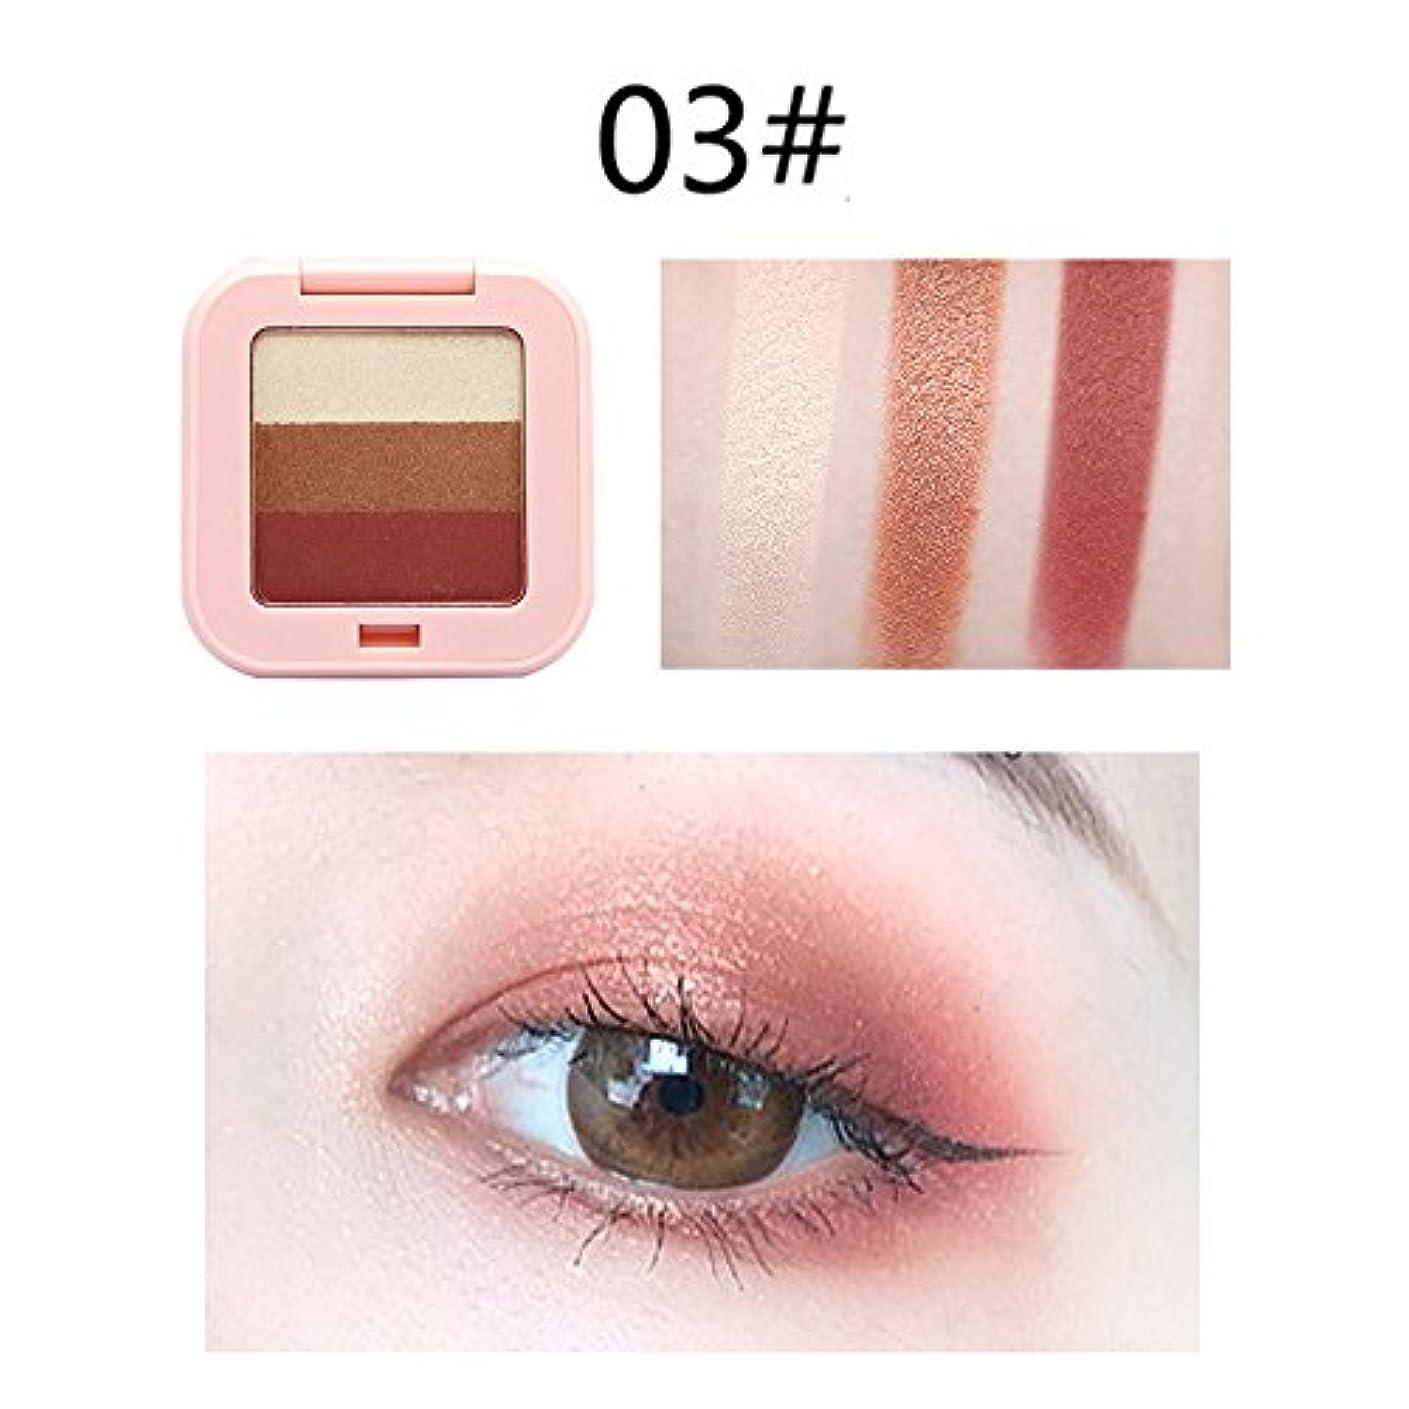 通り矛盾アトムLazayyii 3色アイシャドウ アイシャドウパレット Eye Shadow グリッターアイシャドウ パール マットマット高発色 透明感 保湿成分 暖色系 (C)